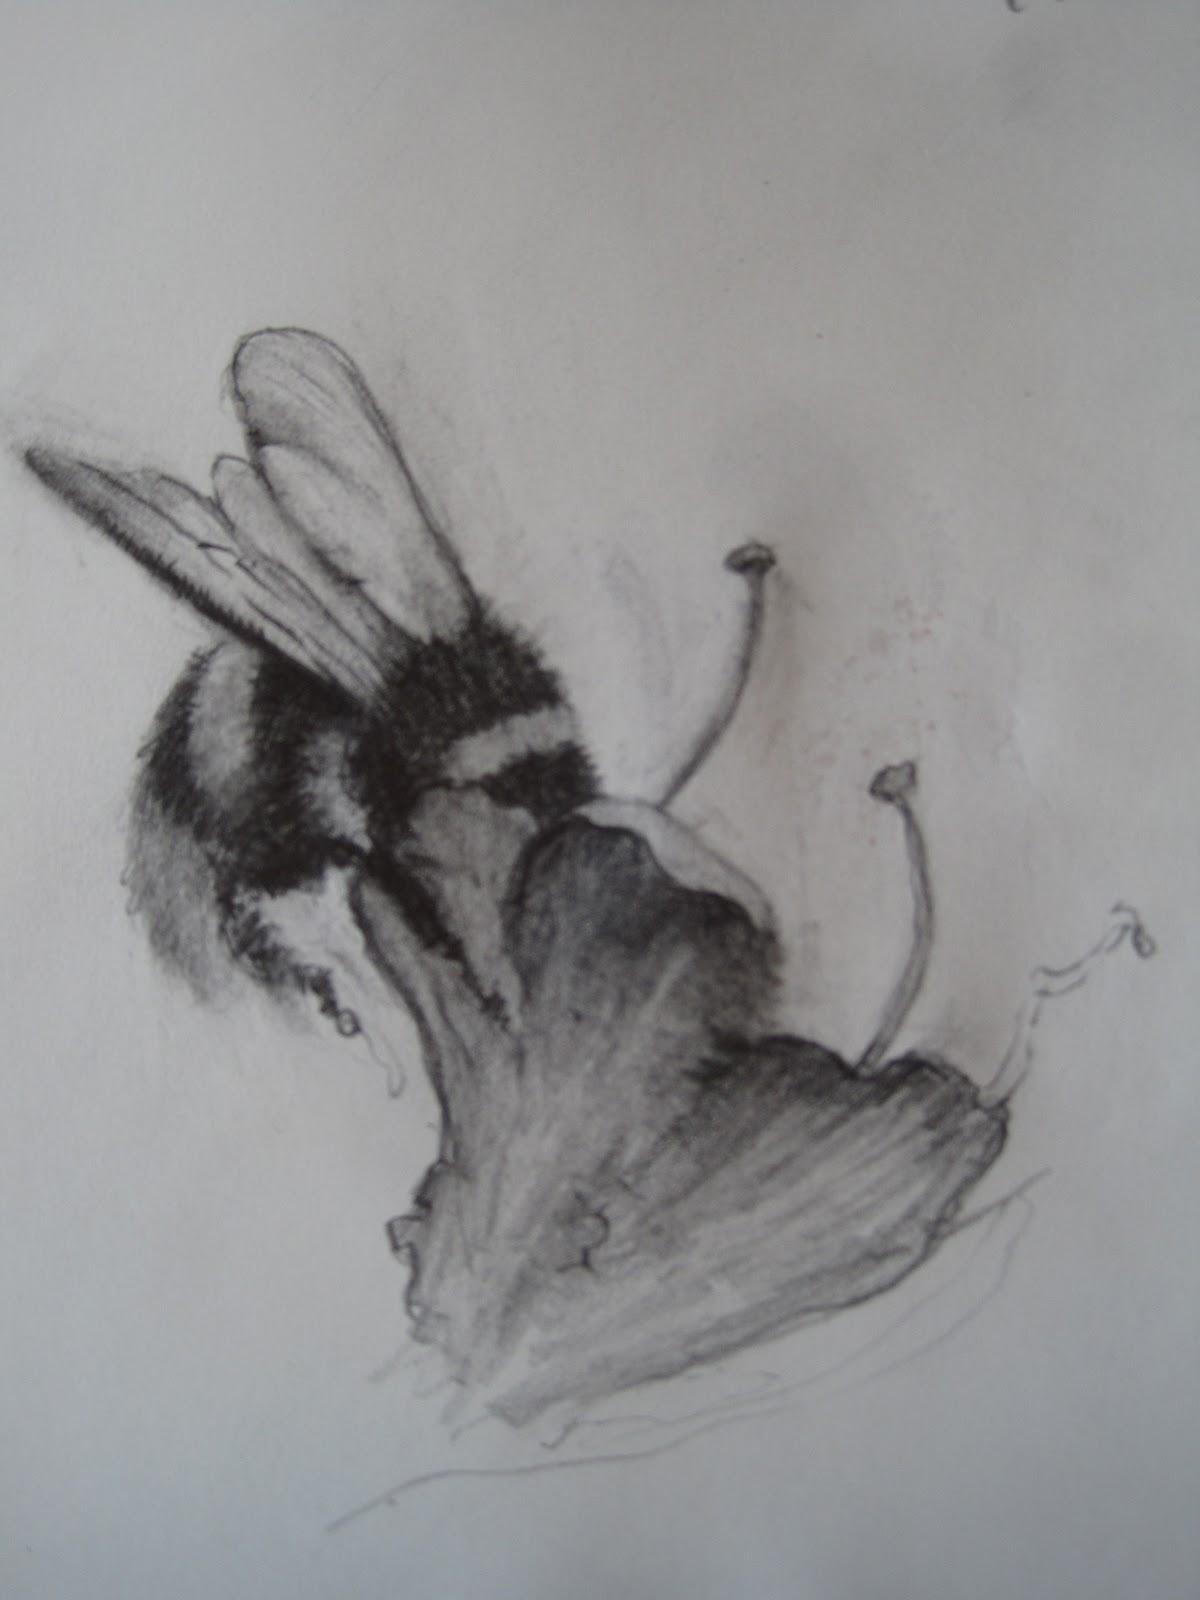 Vermeer And Bridget Riley Drypoint Progress Bumble Bee Drawings